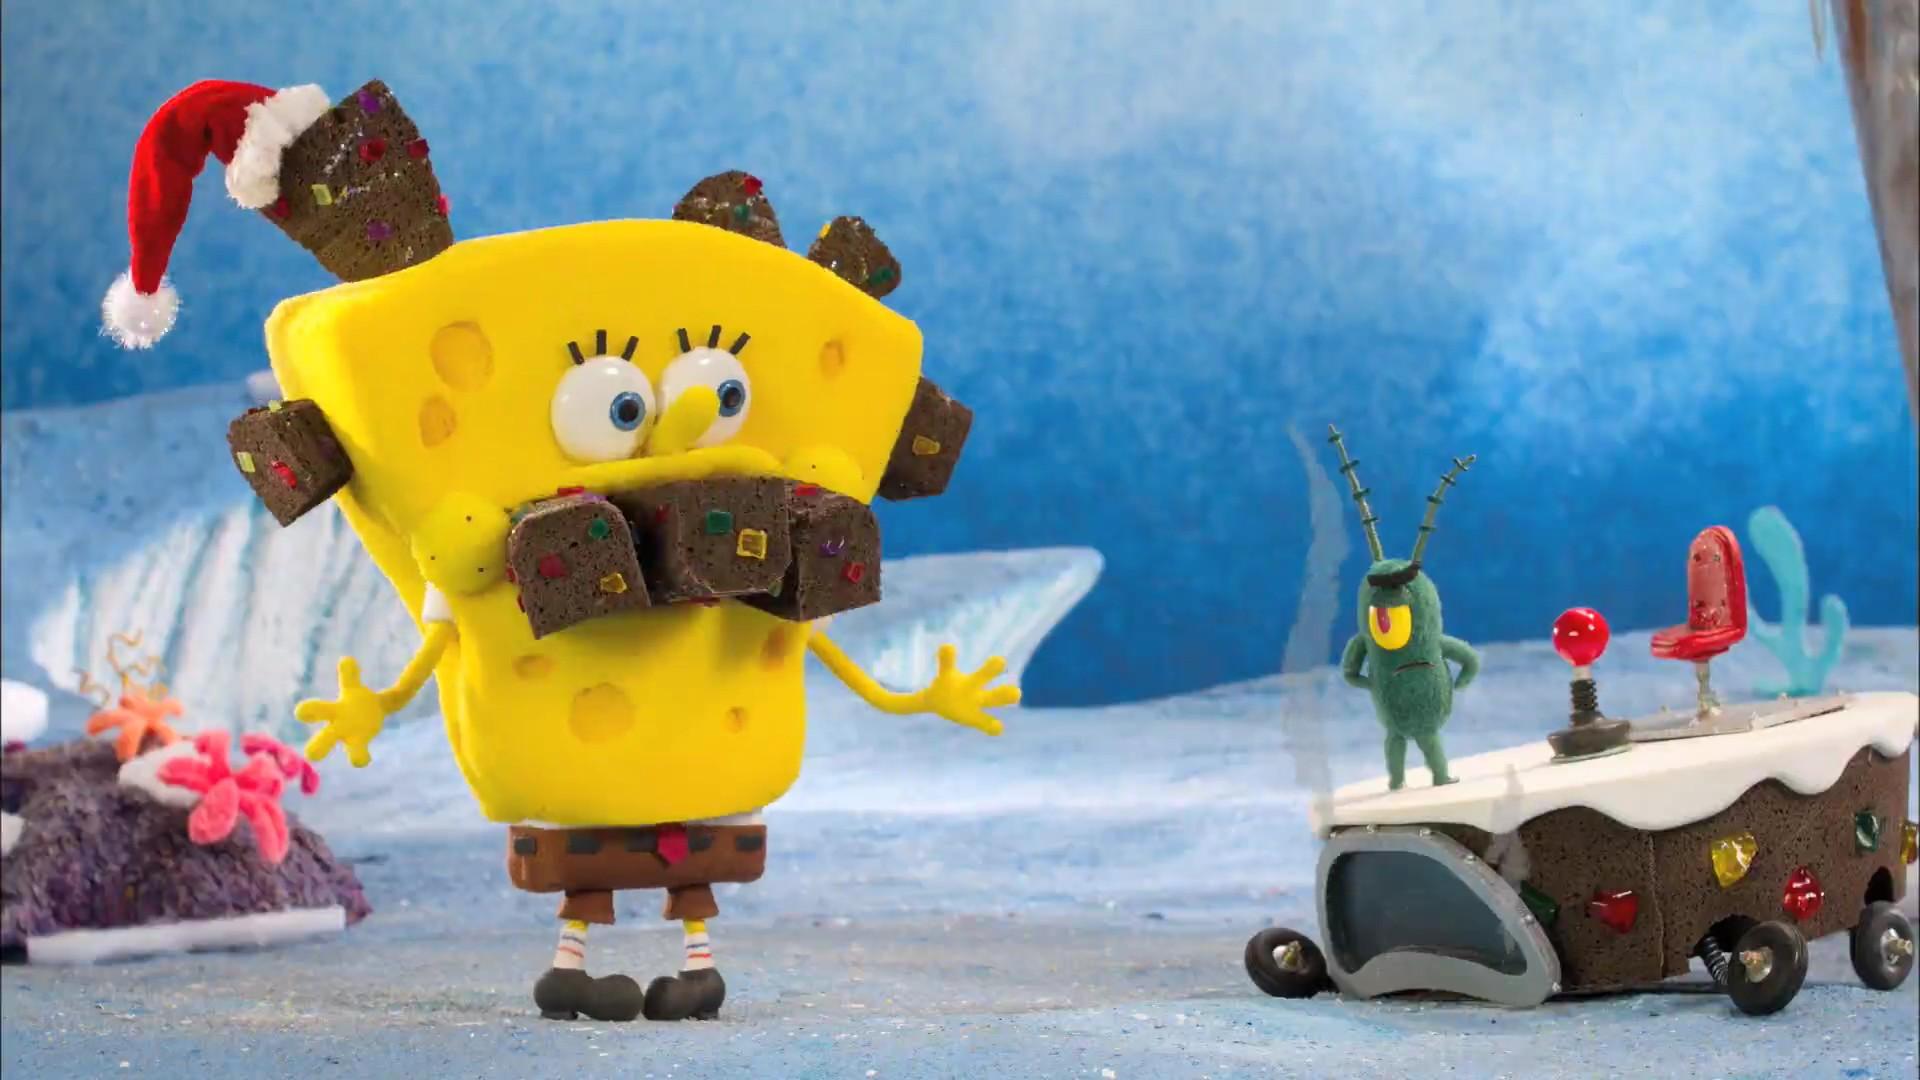 Cool SpongeBob Wallpapers - WallpaperSafari